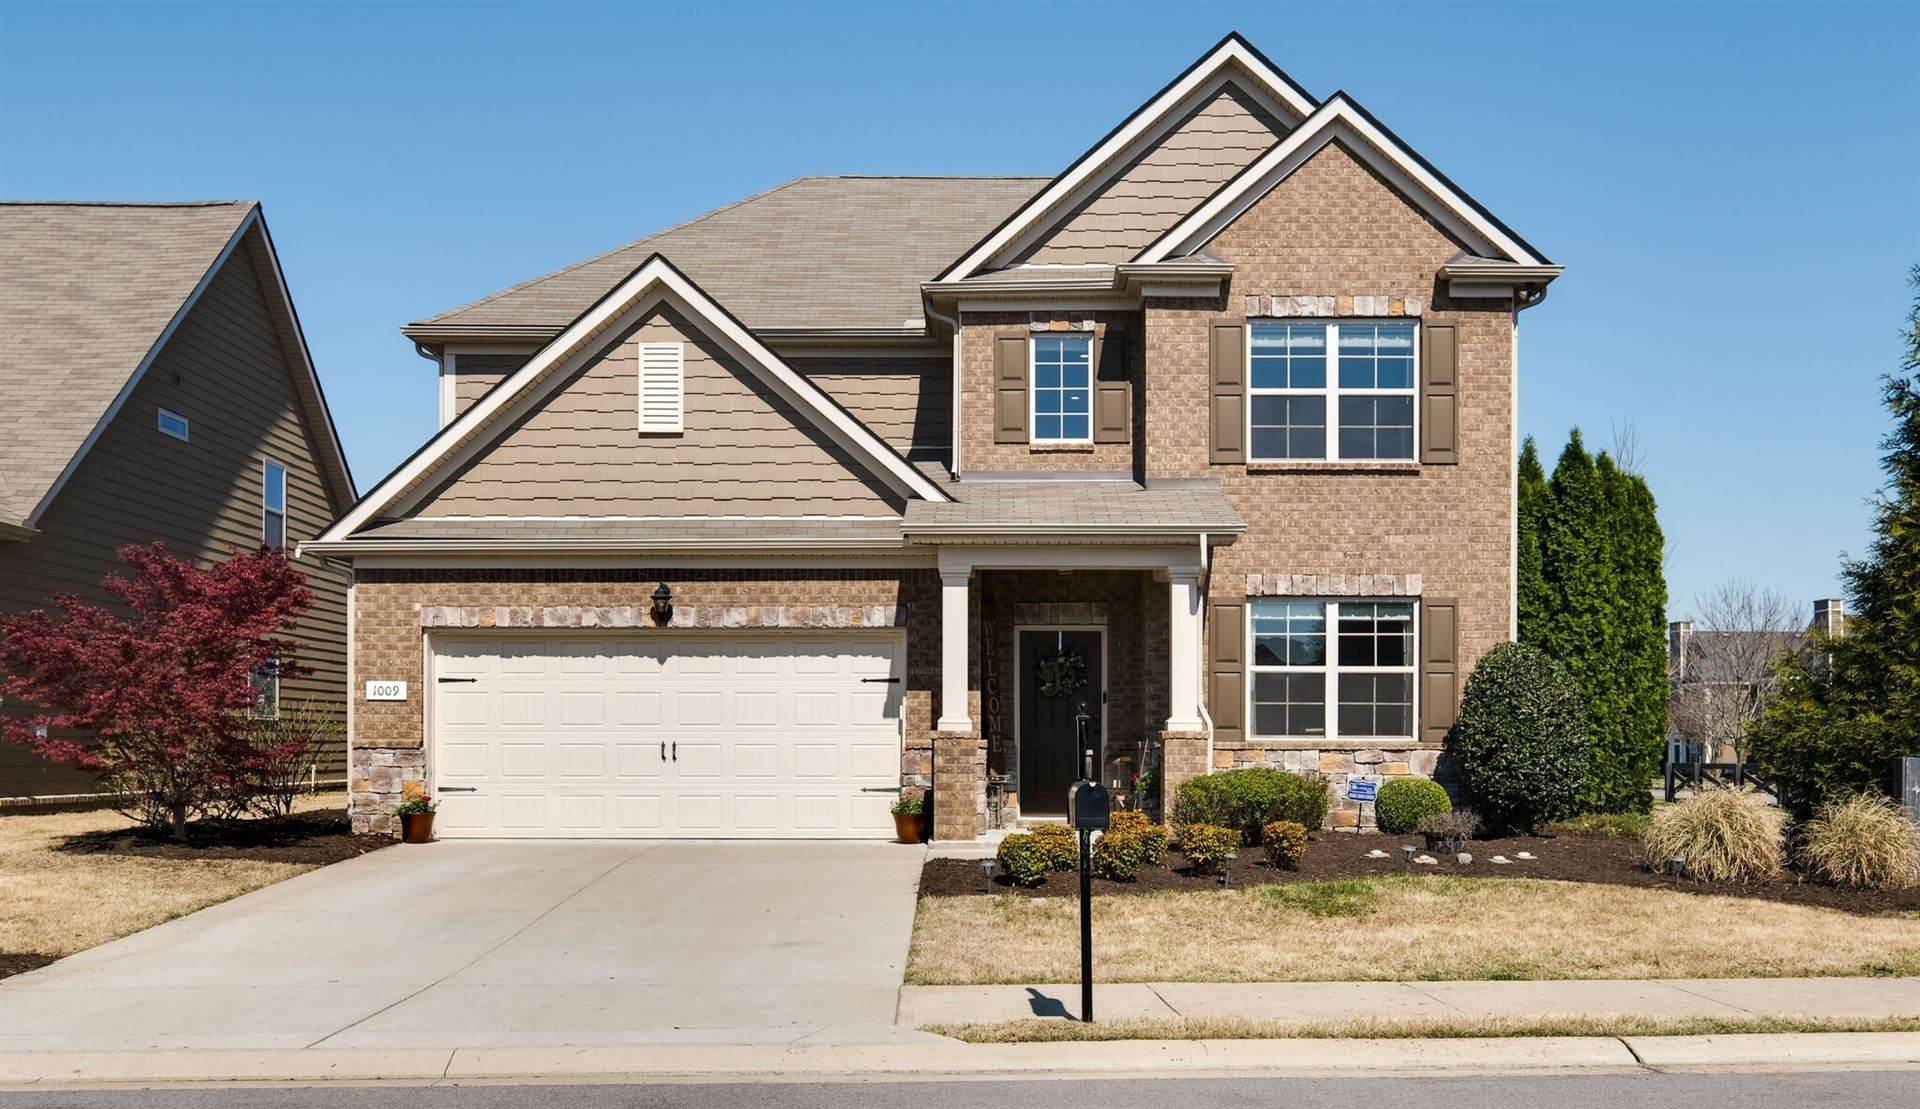 1009 Lunette Dr, Murfreesboro, TN 37128 - MLS#: 2242721